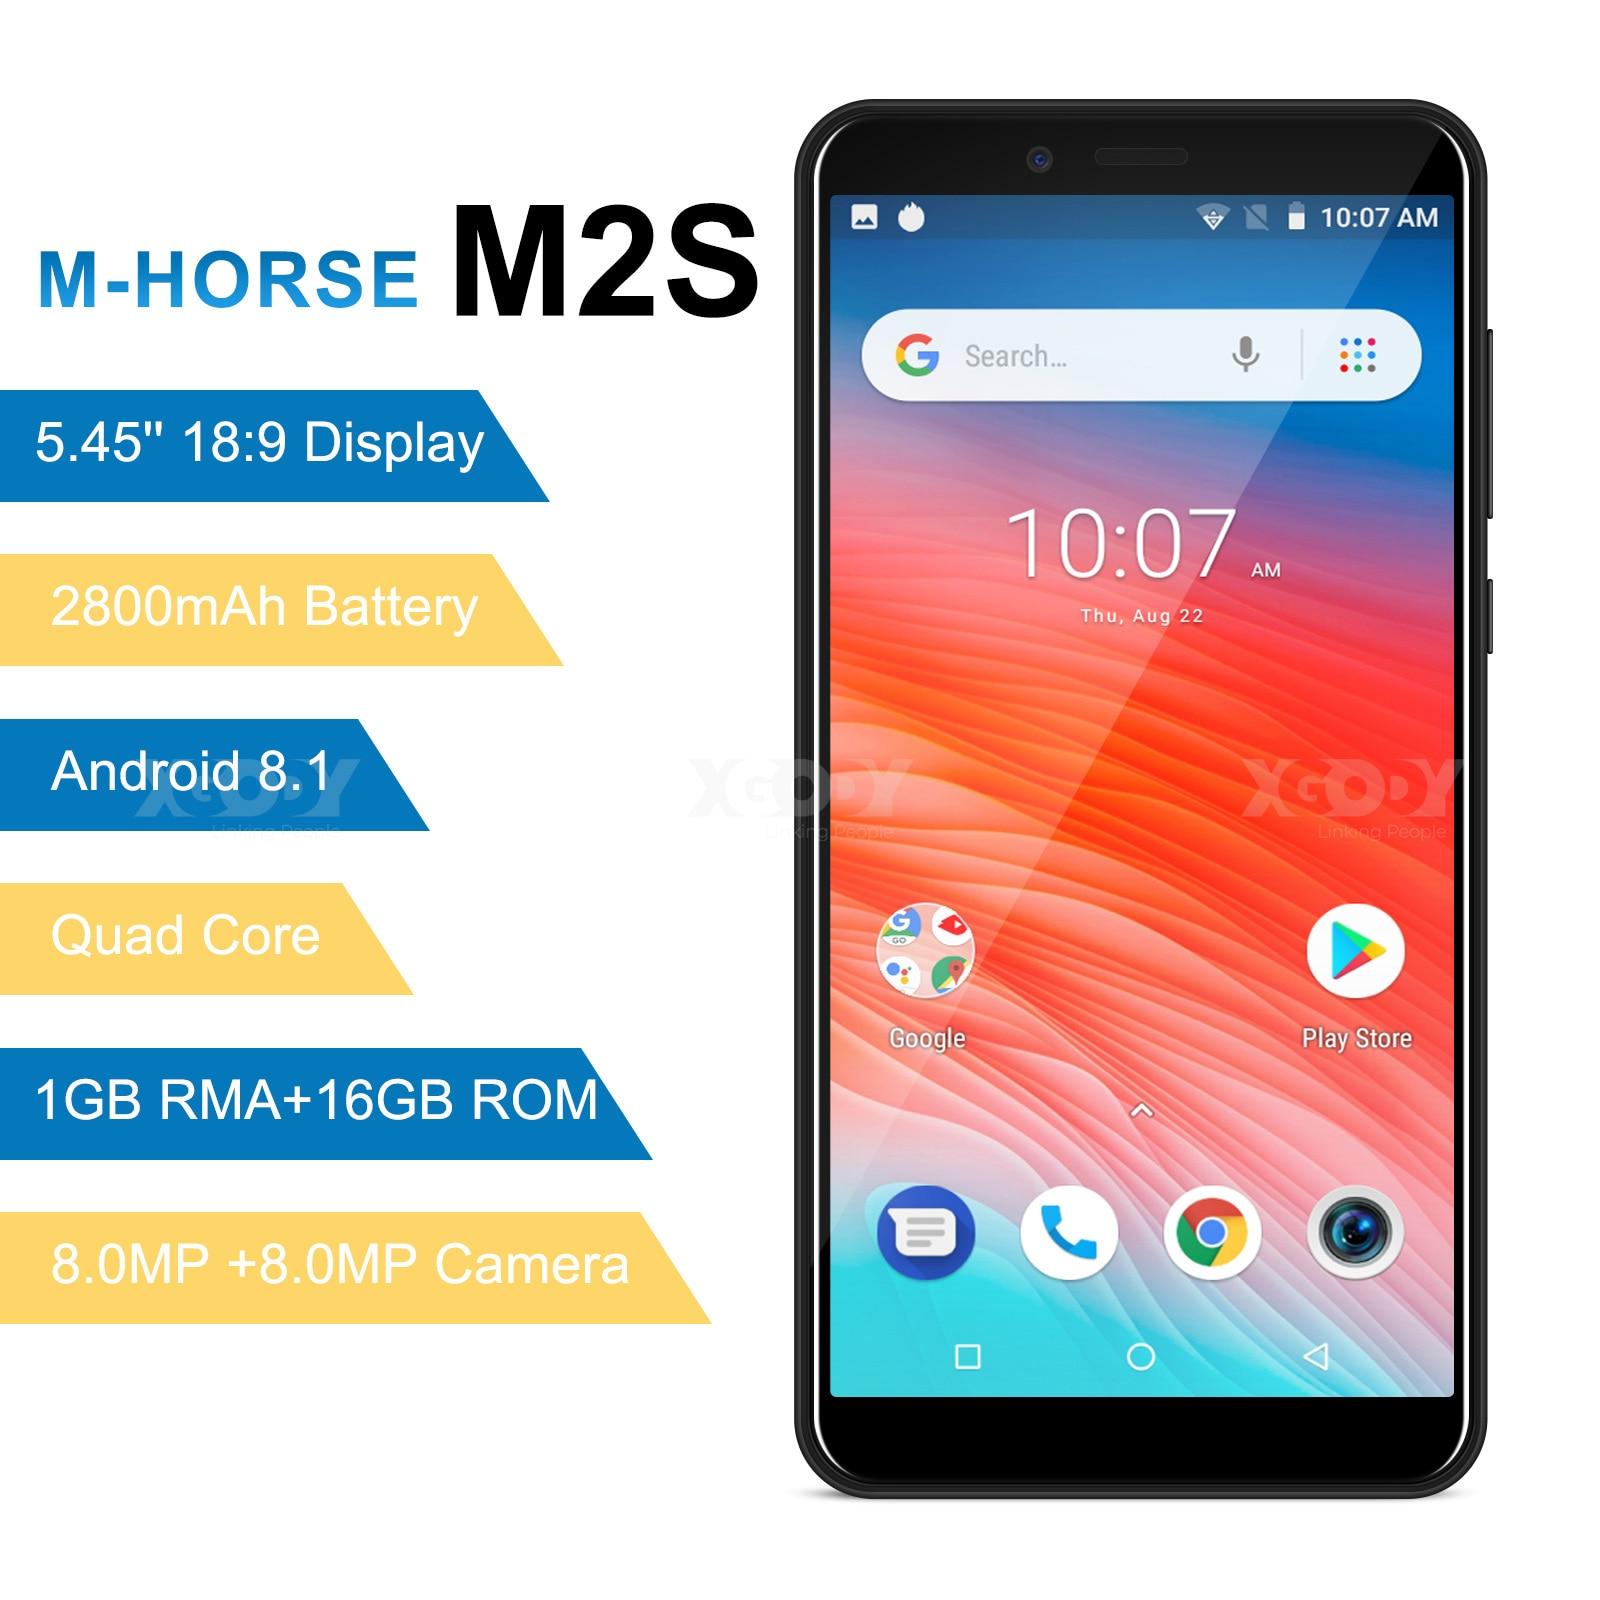 M HORSE 3g Смартфон Android 8,1 2800 мАч мобильный телефон 1 Гб + 16 Гб четырехъядерный 5,45 дюймов 18:9 полный экран 8 МП Двойная камера мобильный телефон